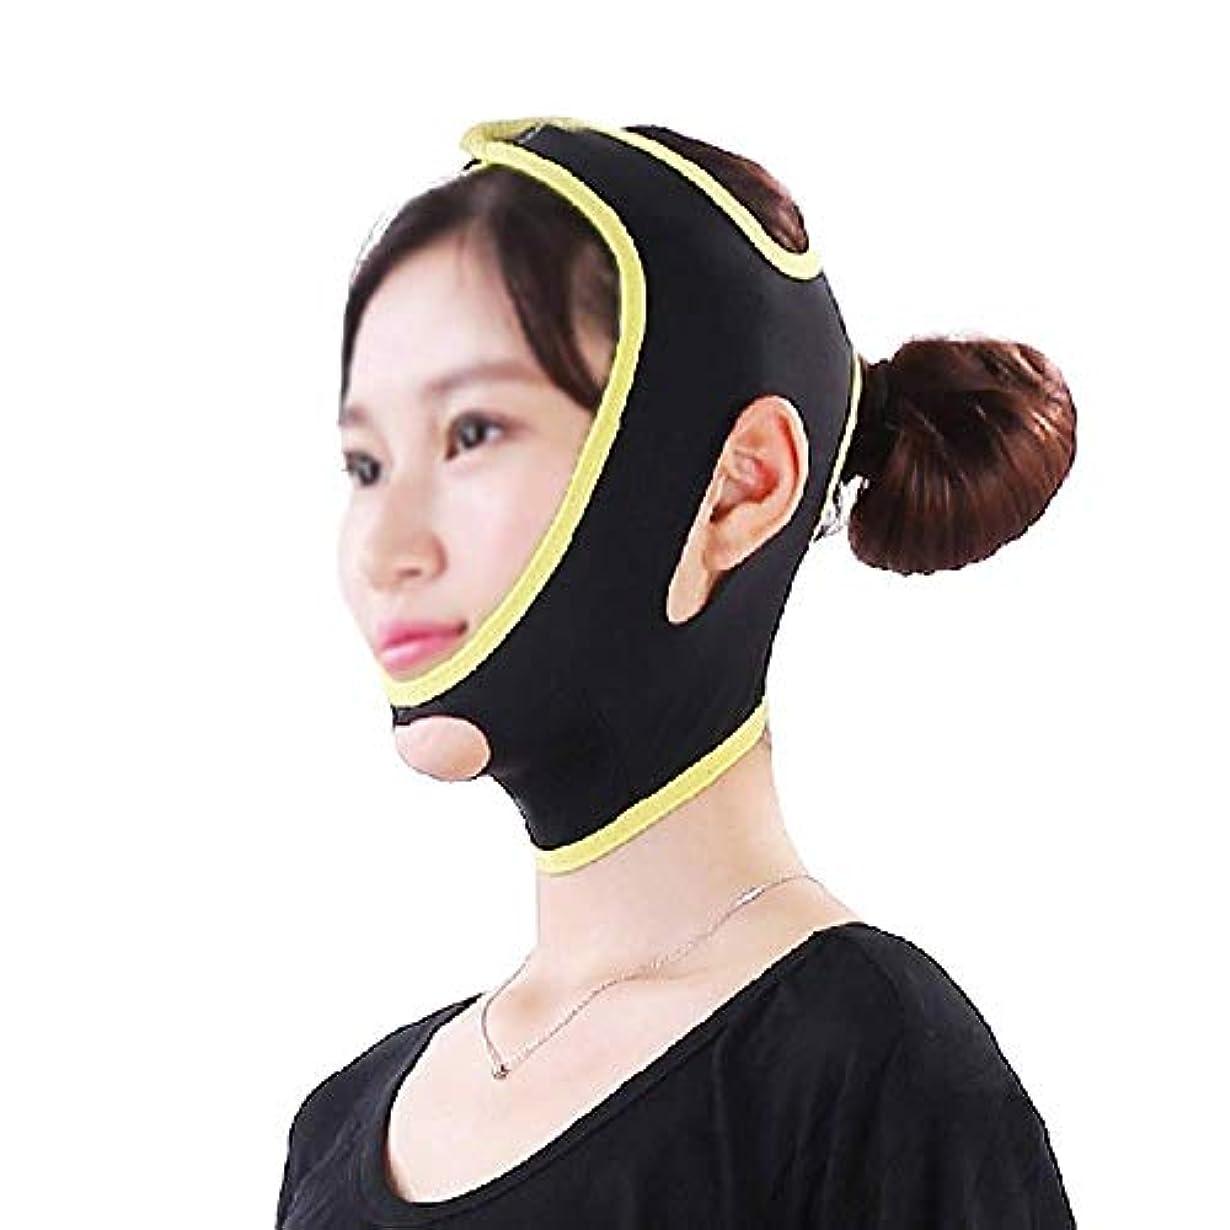 北東世界に死んだ学ぶフェイスアンドネックリフト、Vフェイスマスクは顔の輪郭を強化して、顎の超弾性包帯を引き締める咬筋を緩和します(サイズ:M)